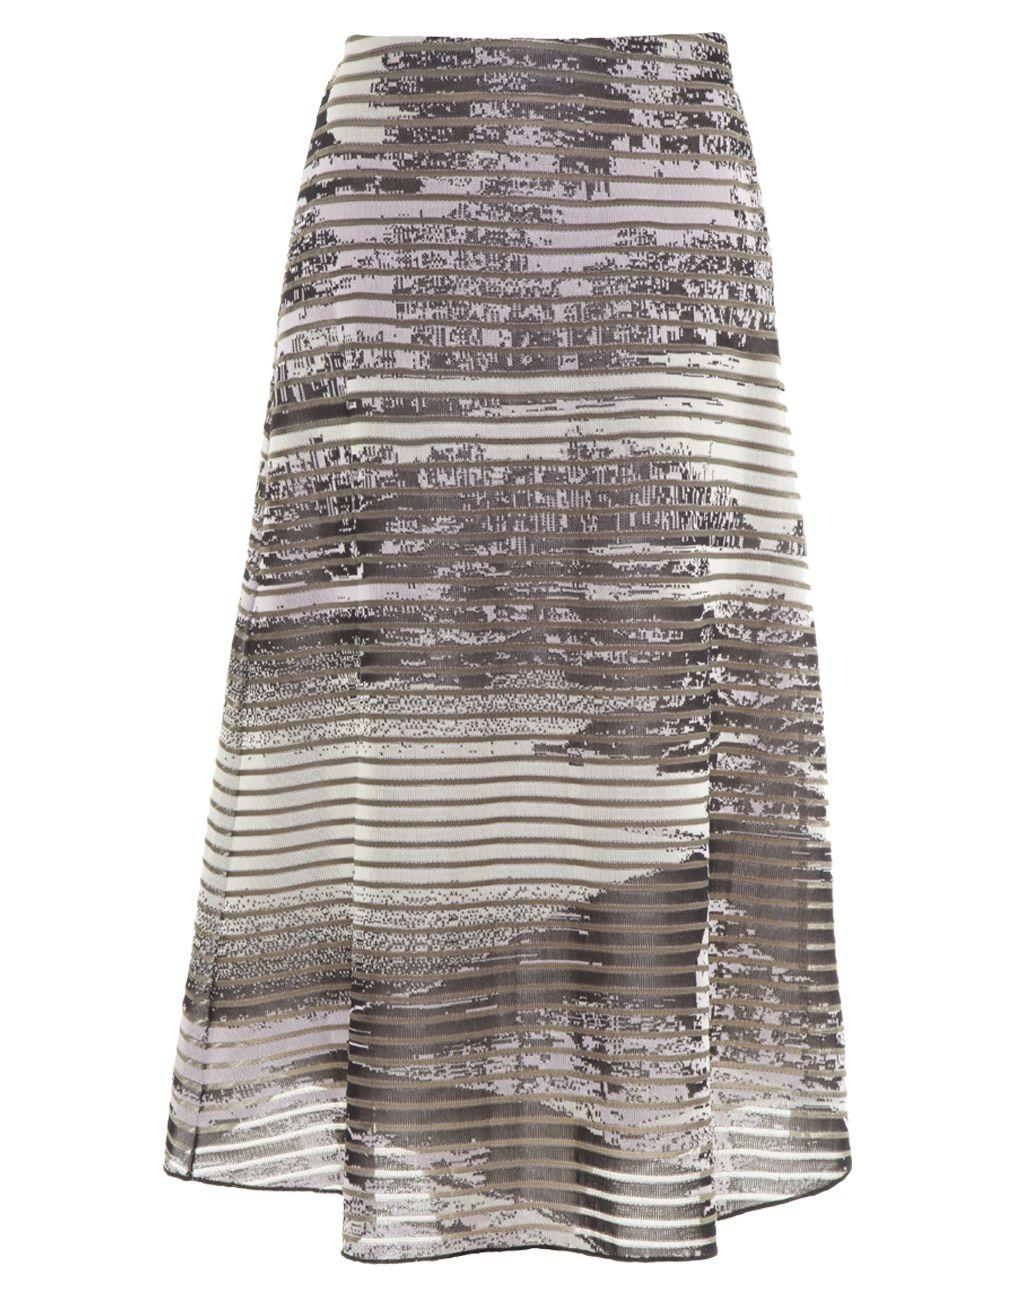 Com estampa exclusiva de inspiração oriental, a saia mídi em tricot de viscose Coven é uma peça statement e ao mesmo tempo curinga por ser tingida por uma paleta de cores discreta. Nós gostamos de combiná-la com top cropped com amarração e acessórios neut - Saia Midi Japonesa Coven